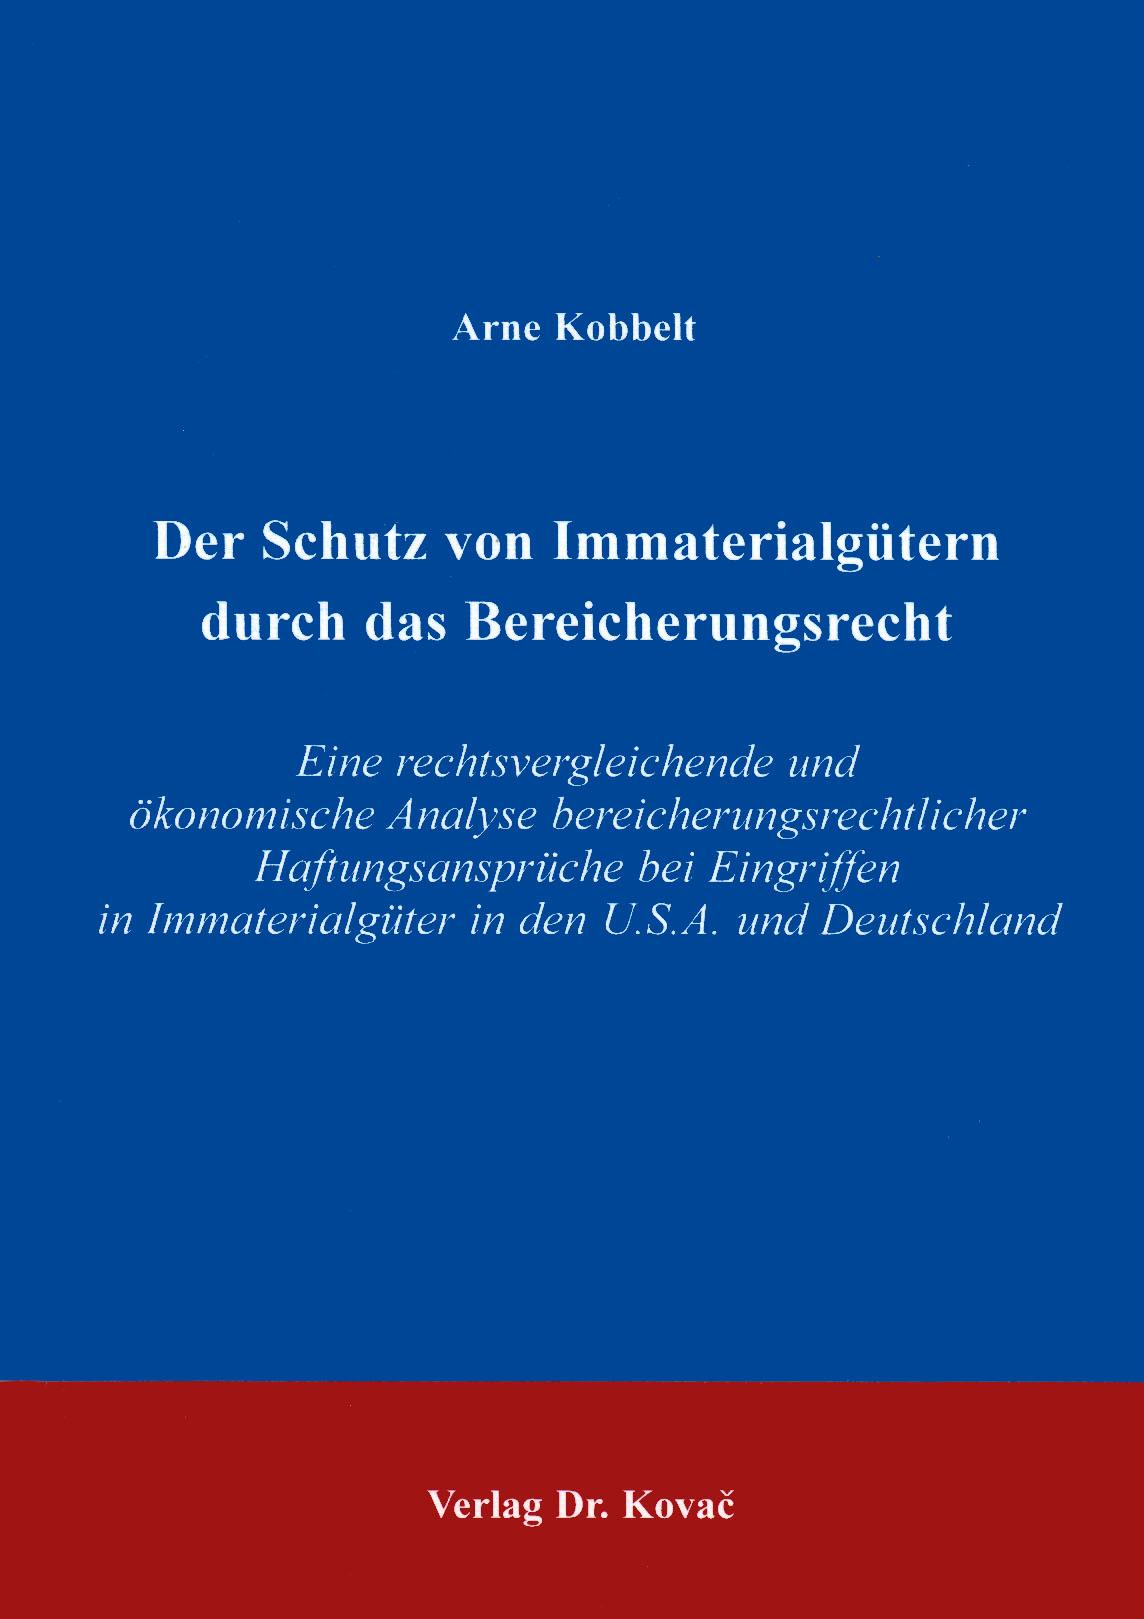 Cover: Der Schutz von Immaterialgütern durch das Bereicherungsrecht